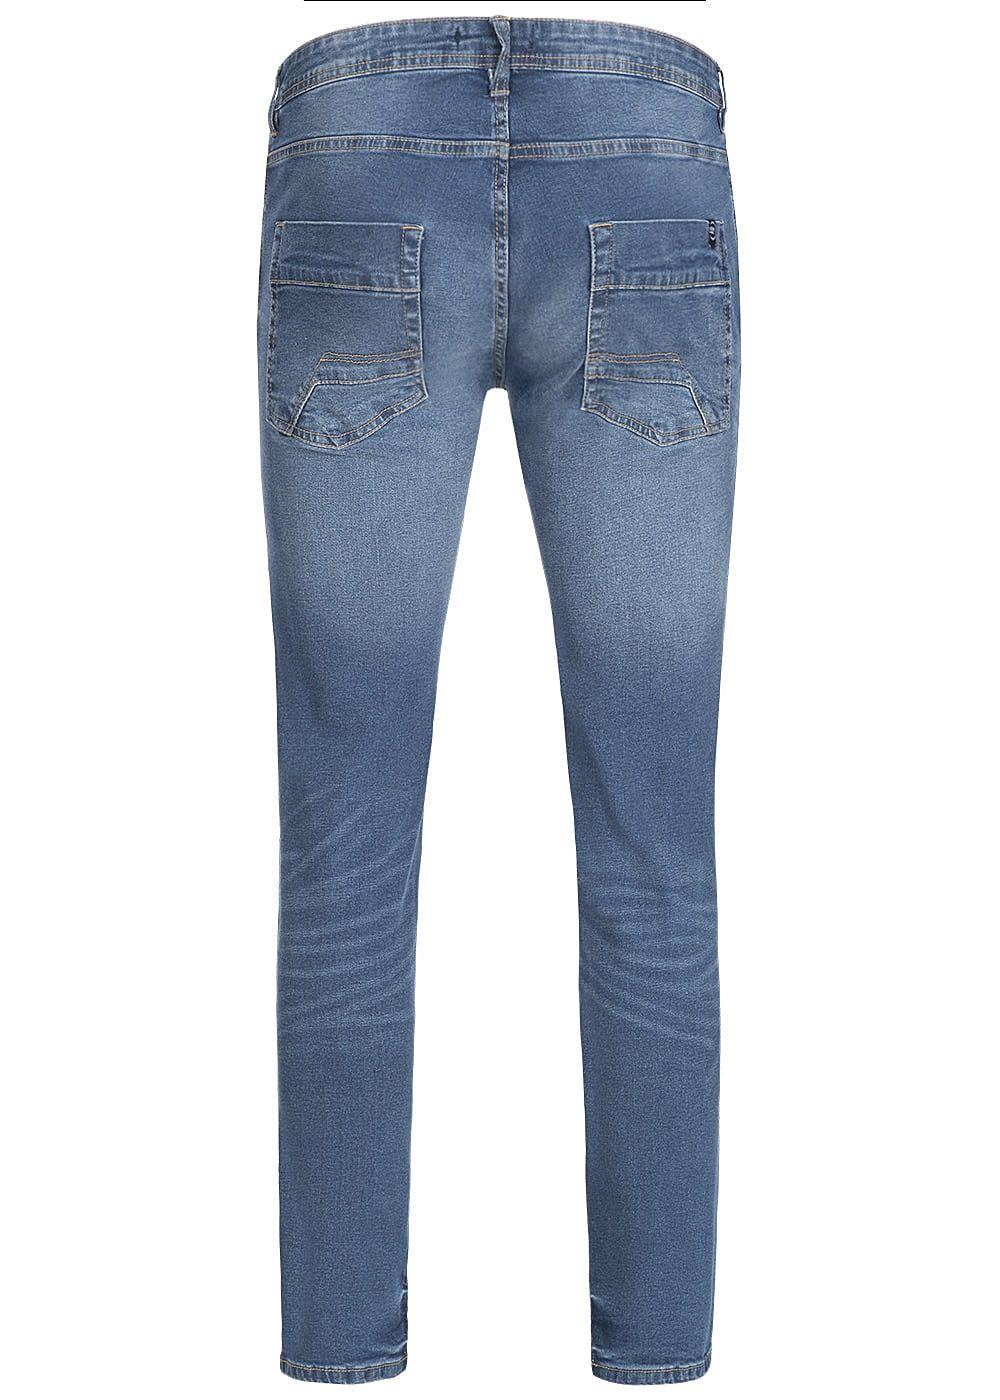 100d5f7896816a Hailys Men Regular Fit Jeans Hose 5-Pockets medium blau den ...